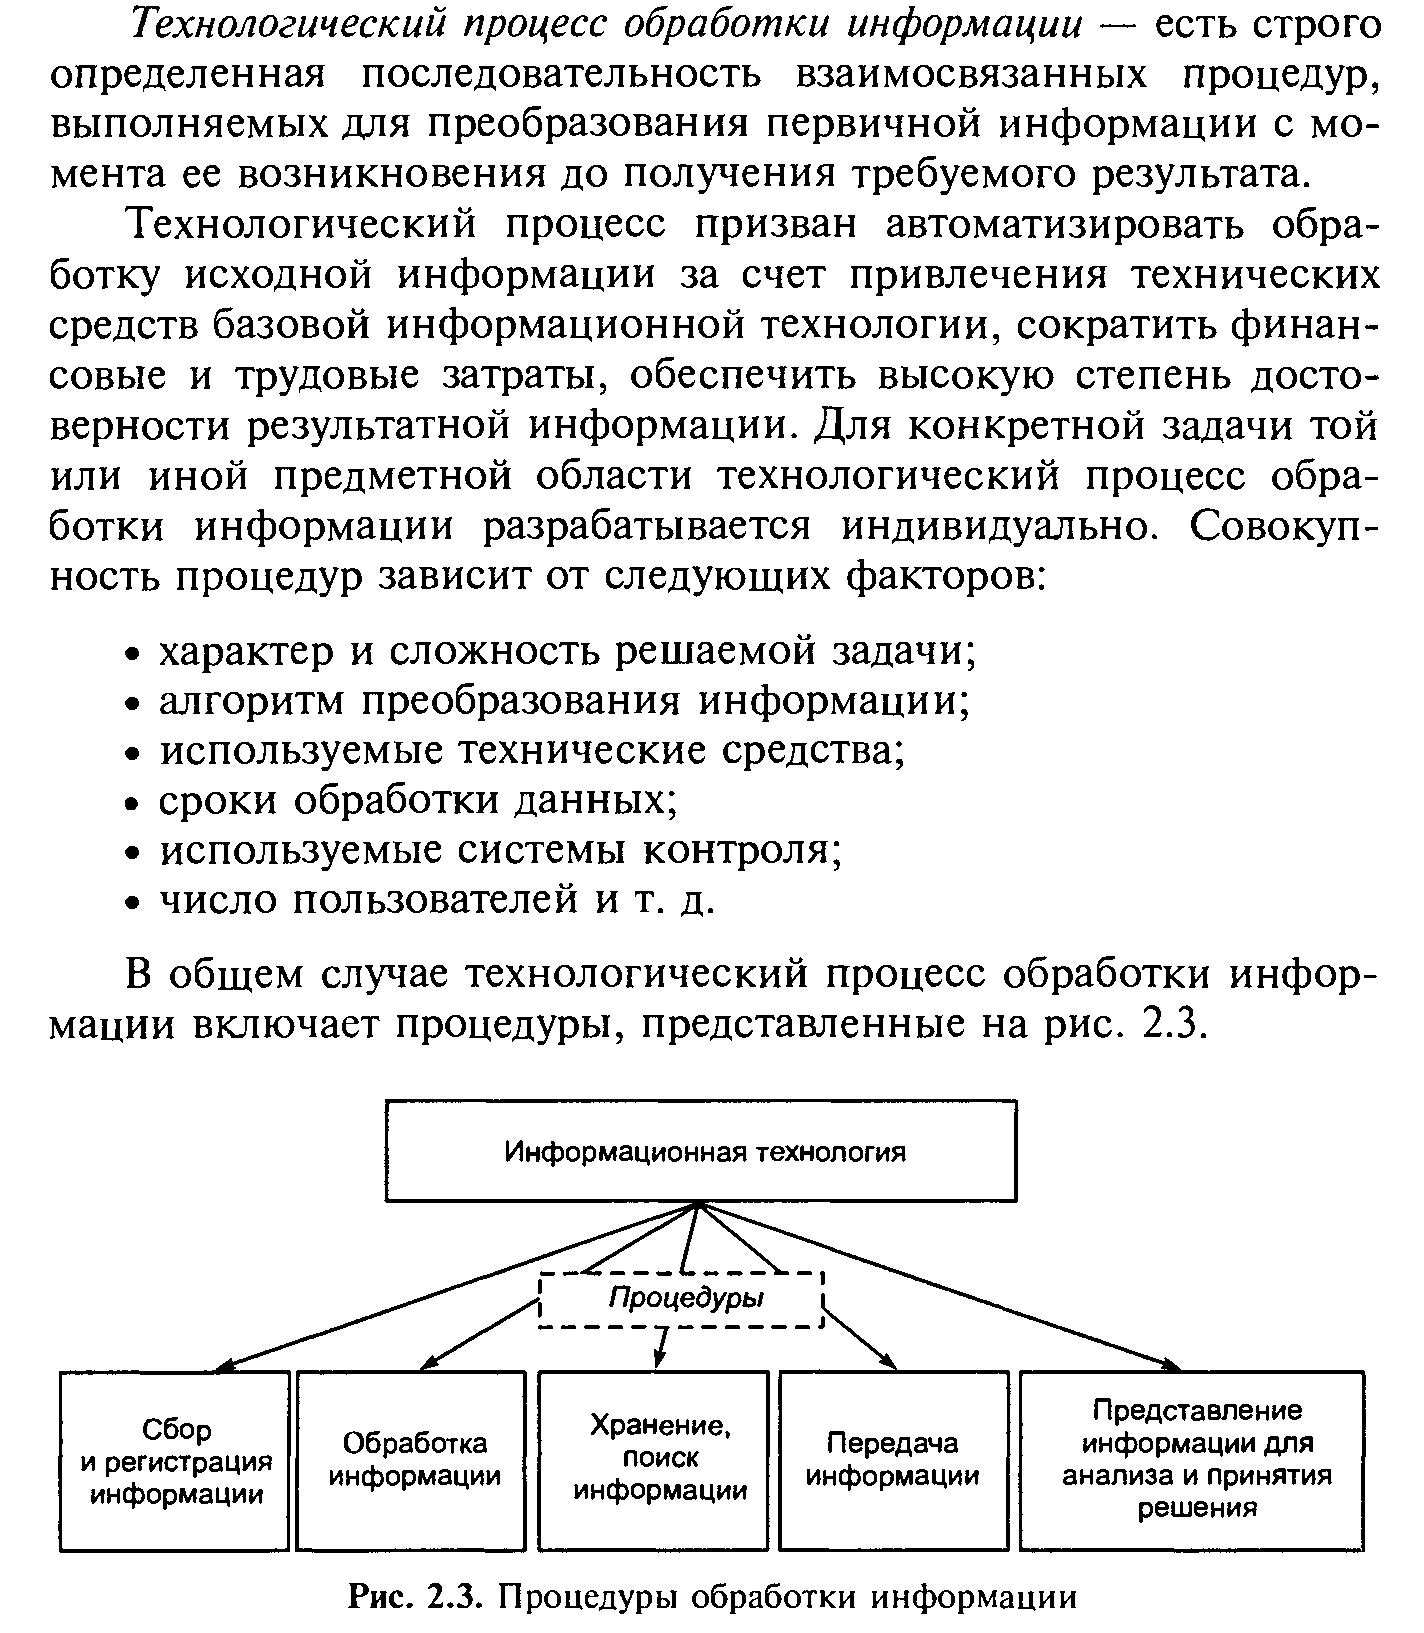 Реферат сетевые технологии обработки информации 8702